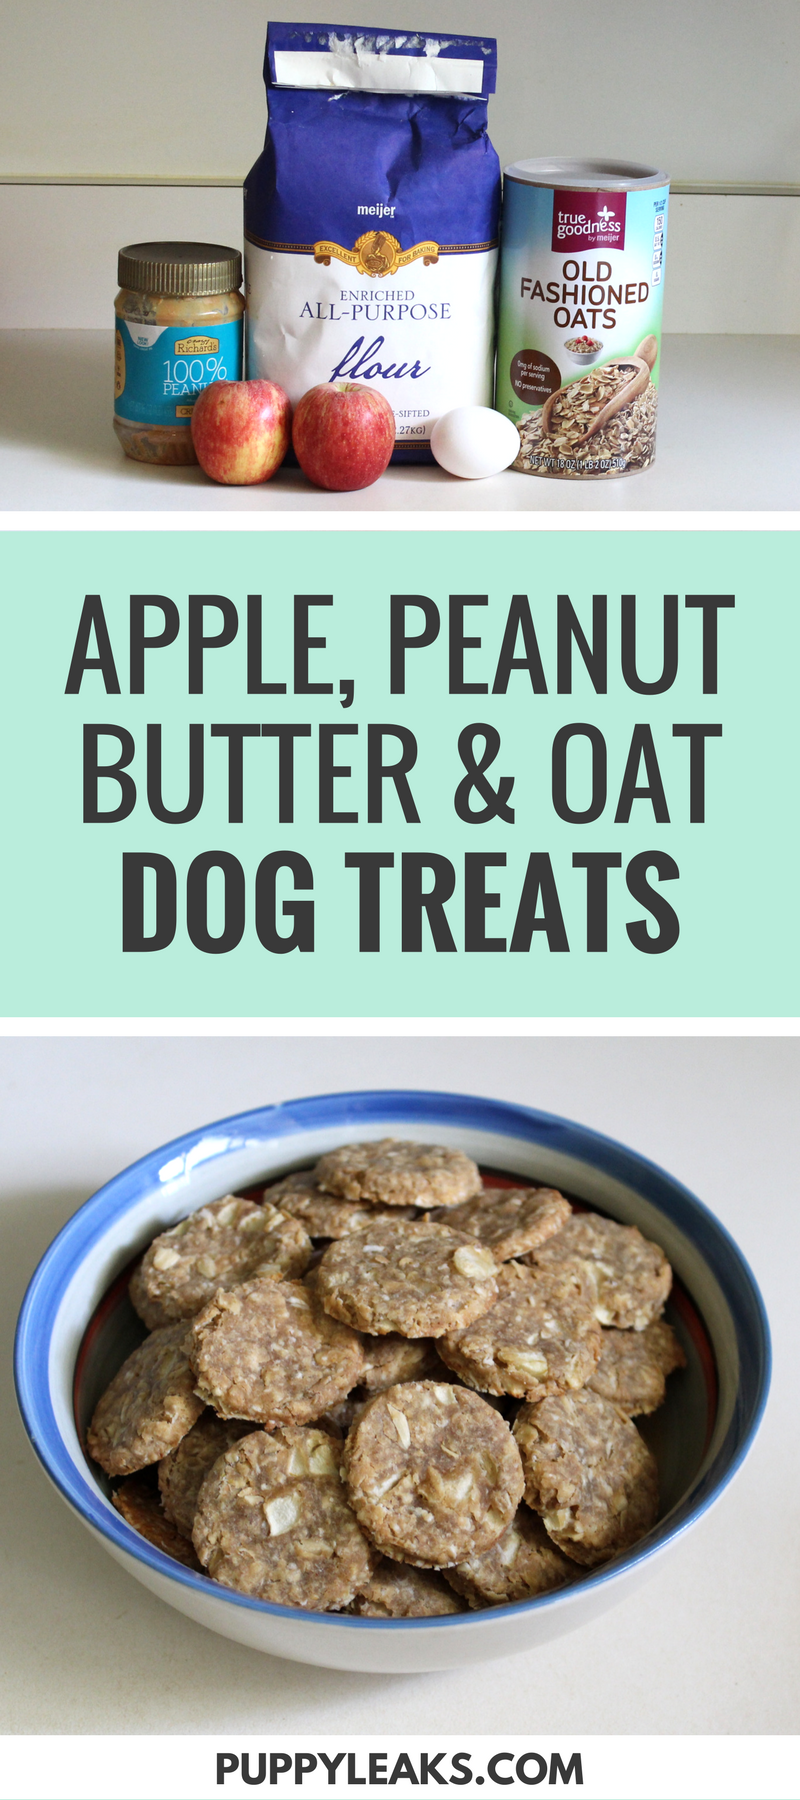 Apple Peanut Butter & Oat Dog Treats